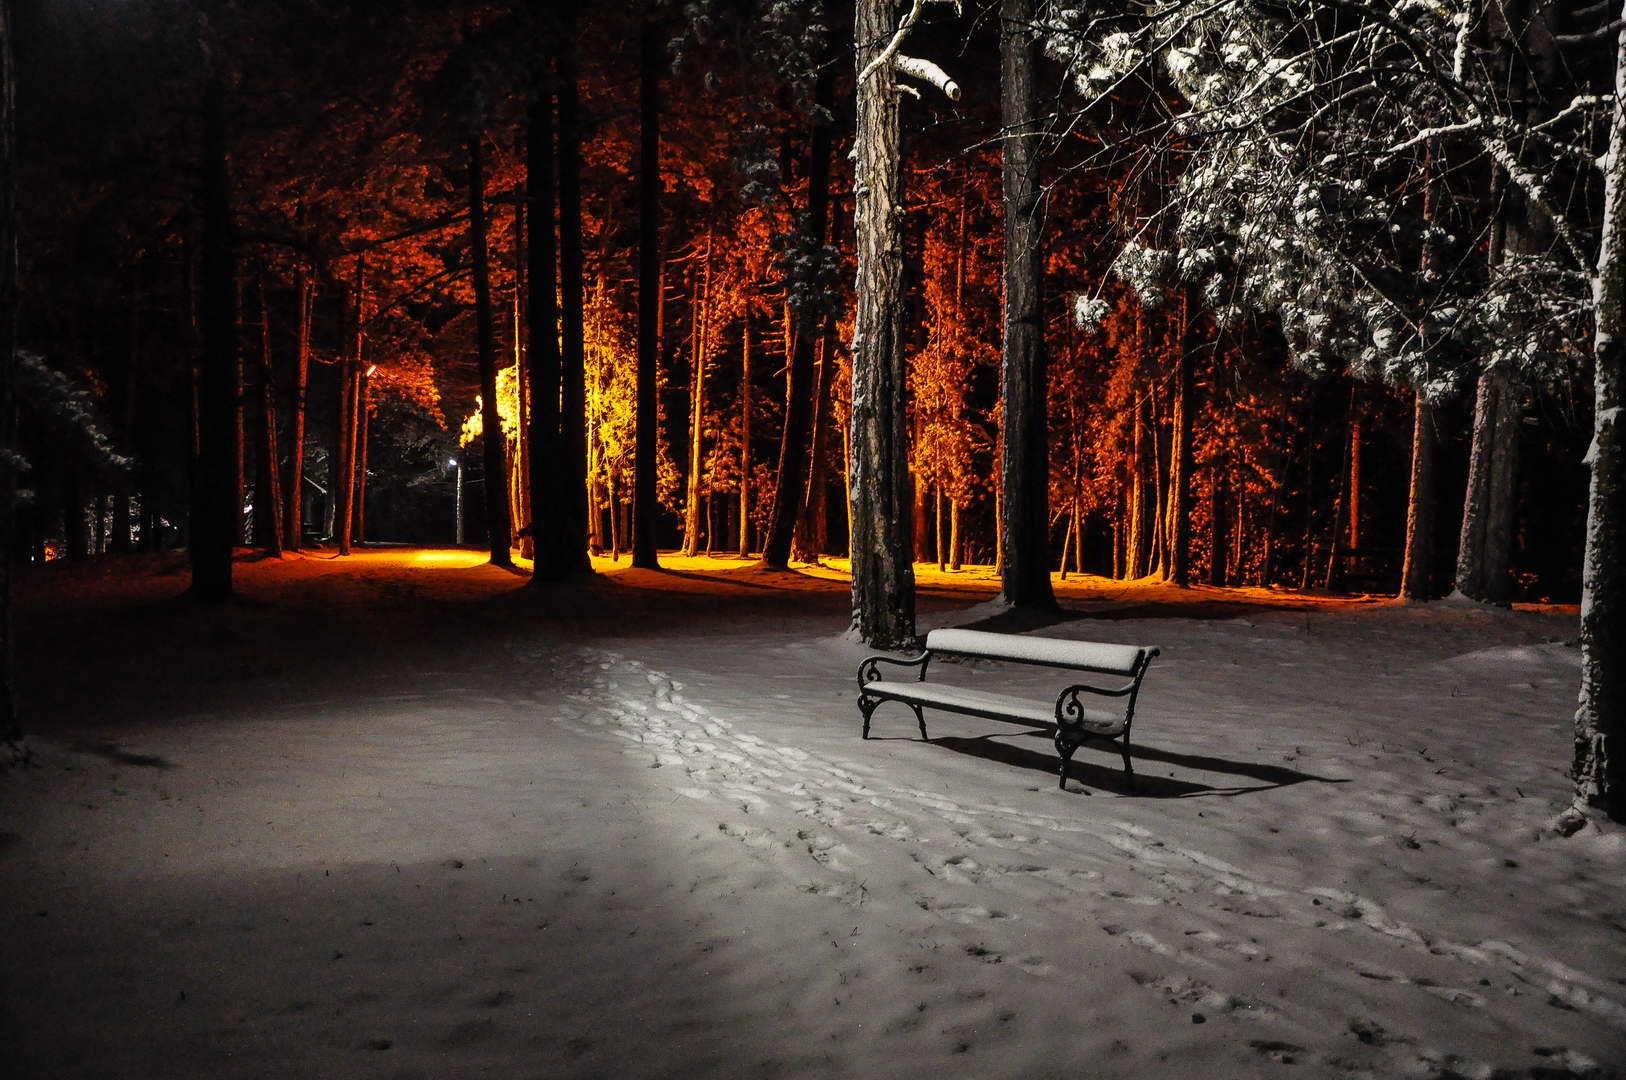 Zimska noć u parku